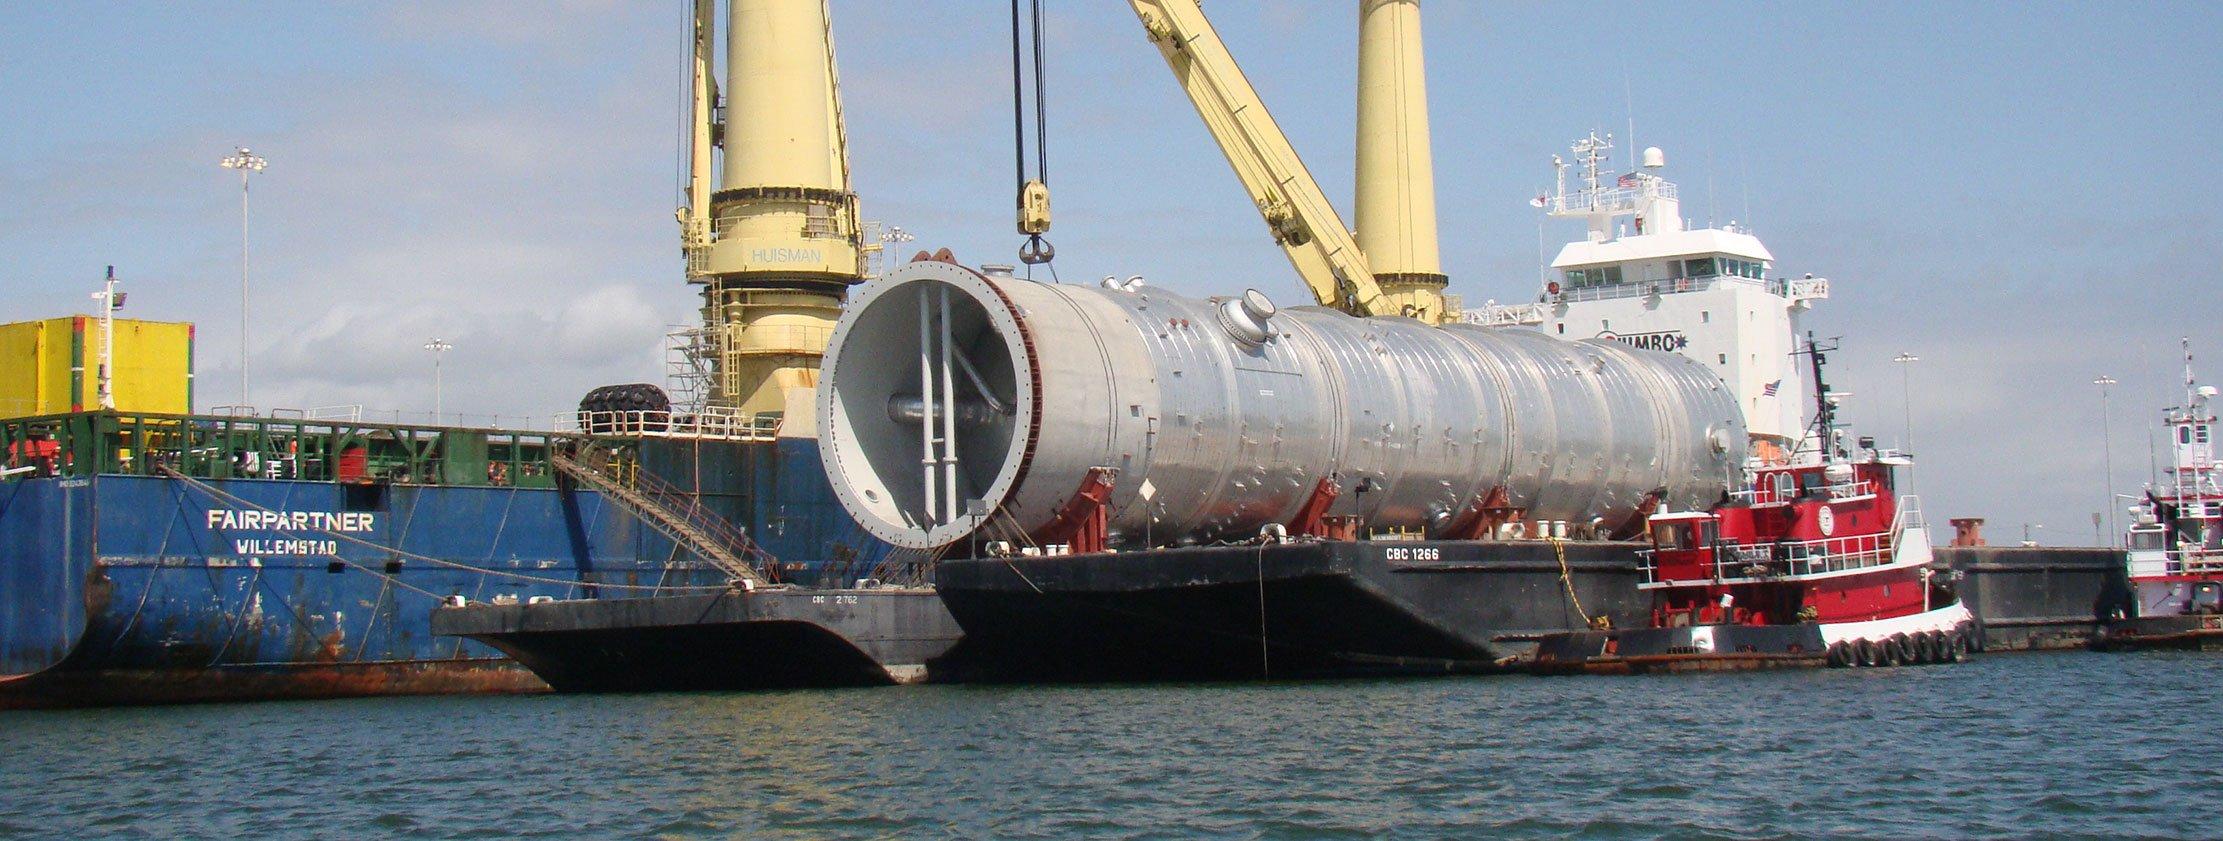 shipping and recieving facilities